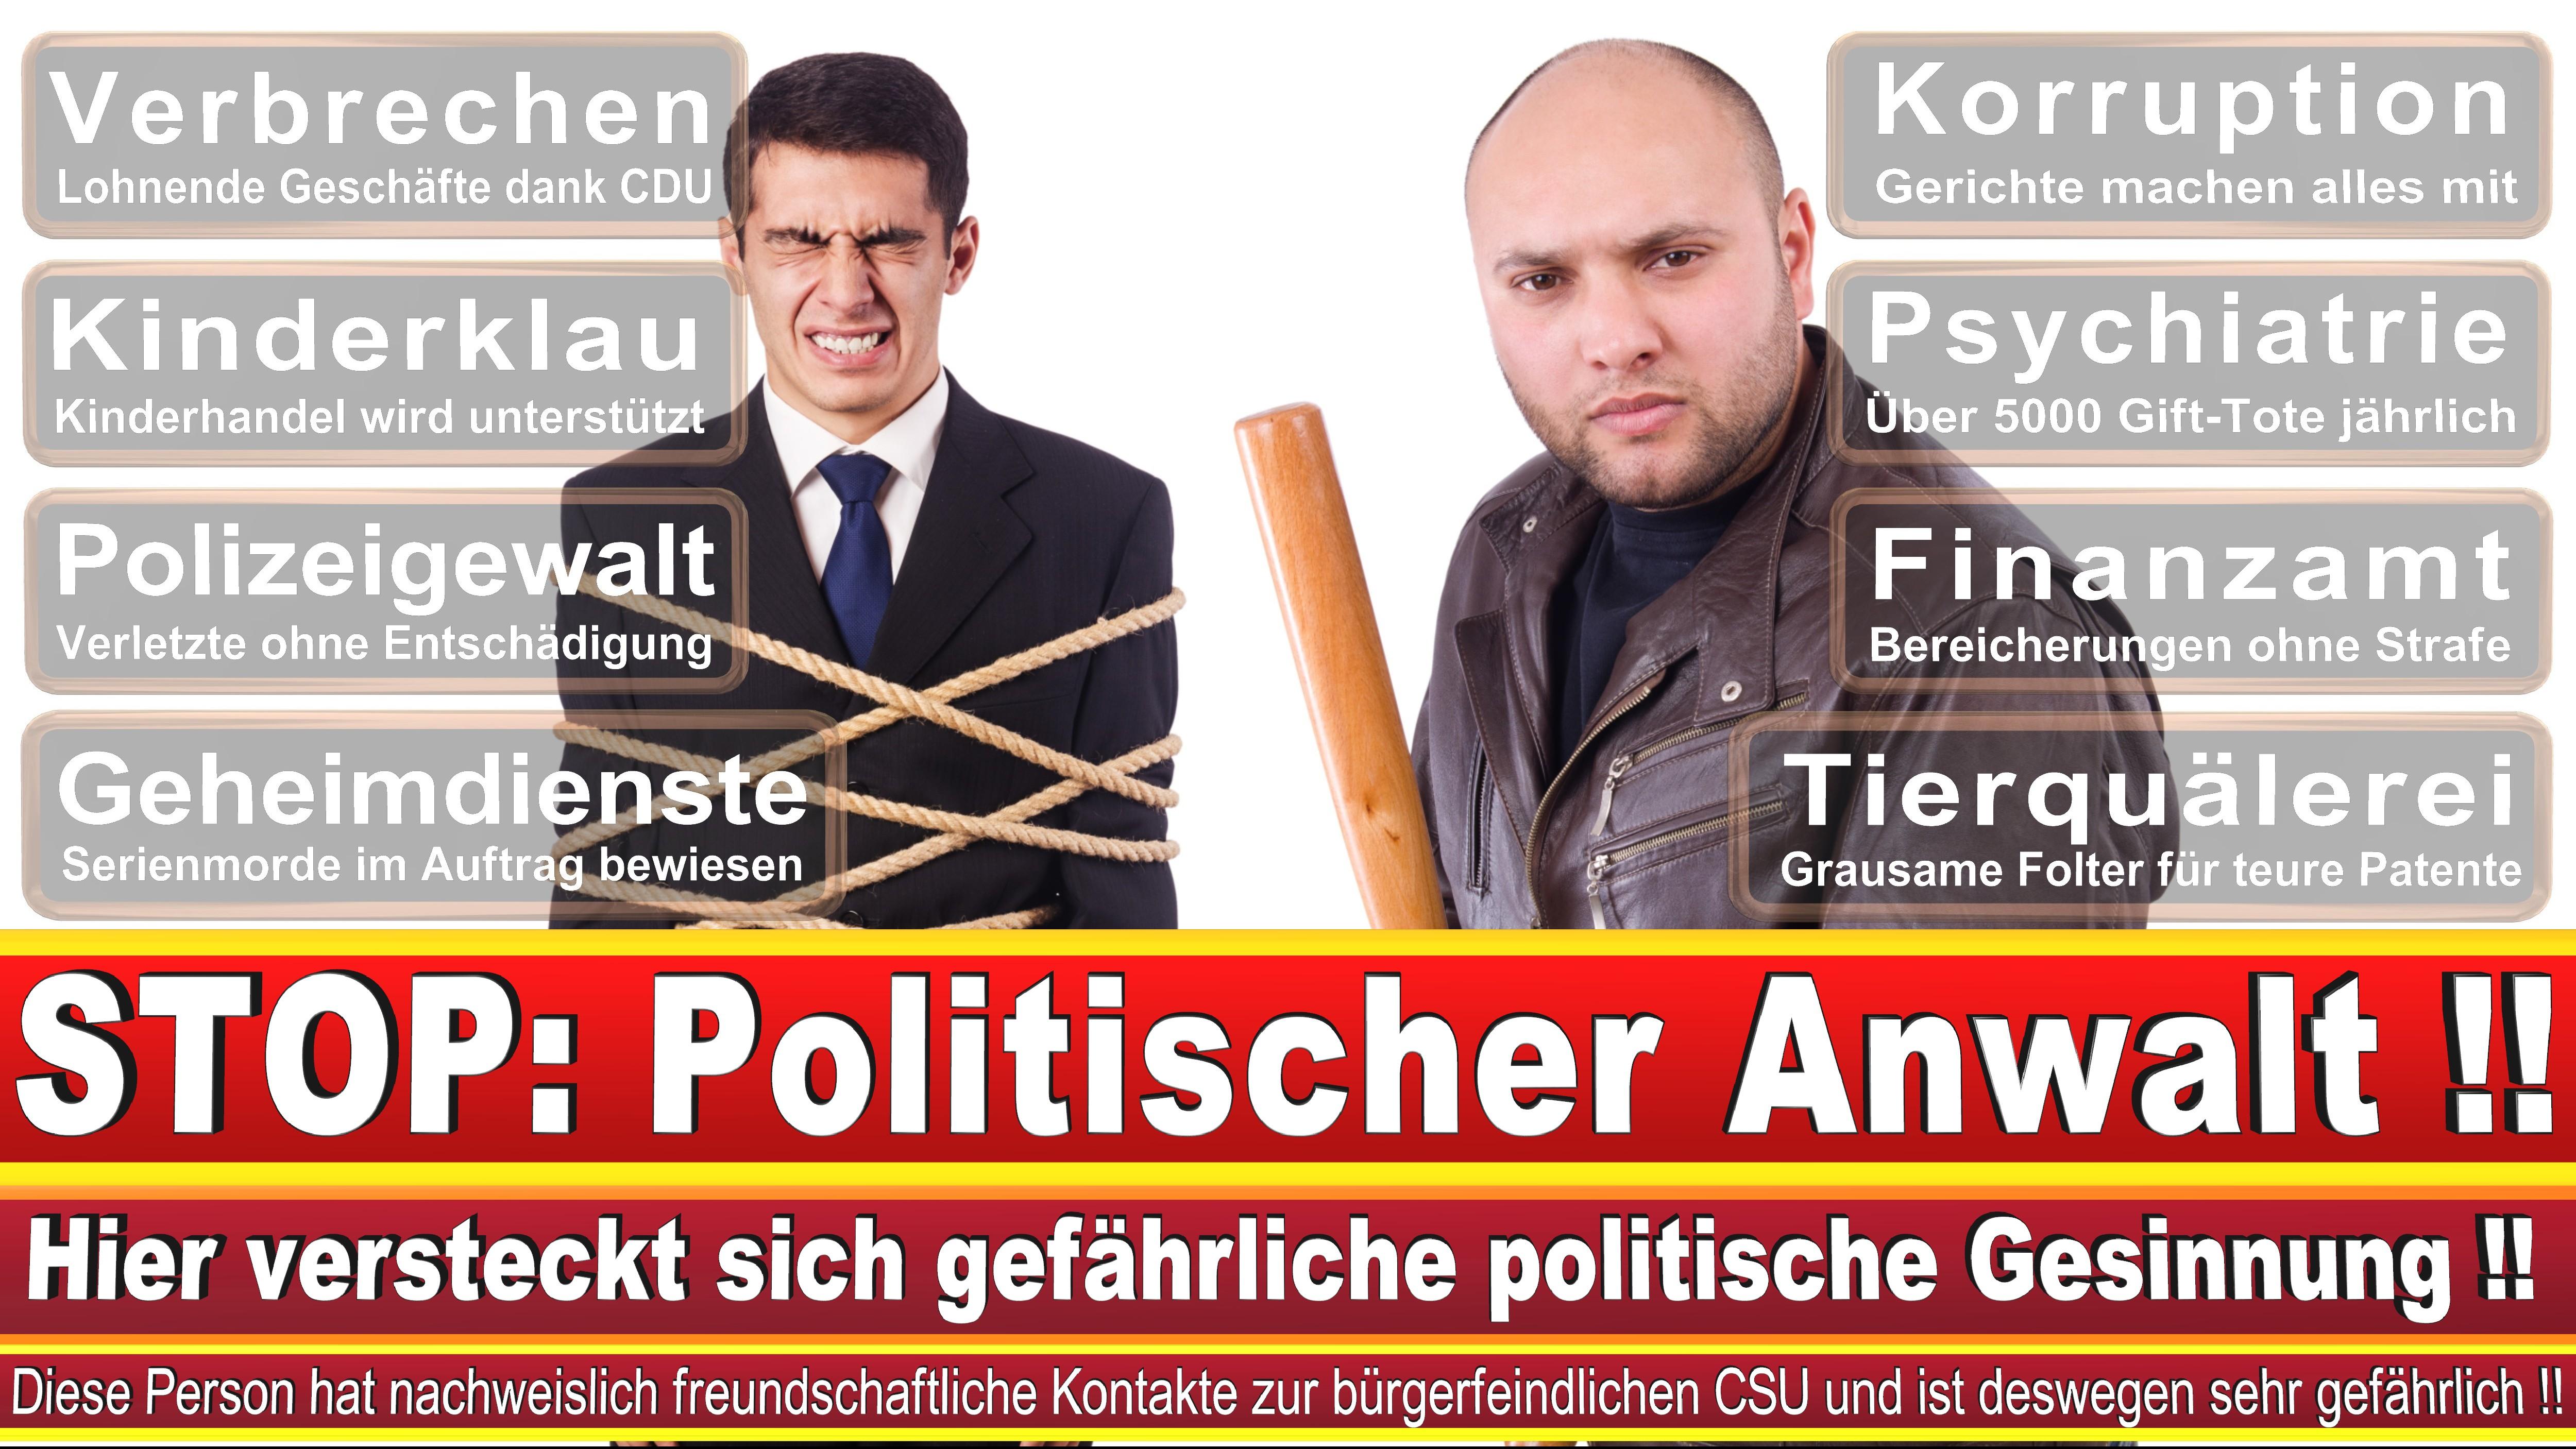 Rechtsanwalt Constantin Freiherr Von Stockmar Nürnberg Gesellschafter Rechtsanwalt DRC Rechtsanwälte Dahrmann Von Rosenstiel